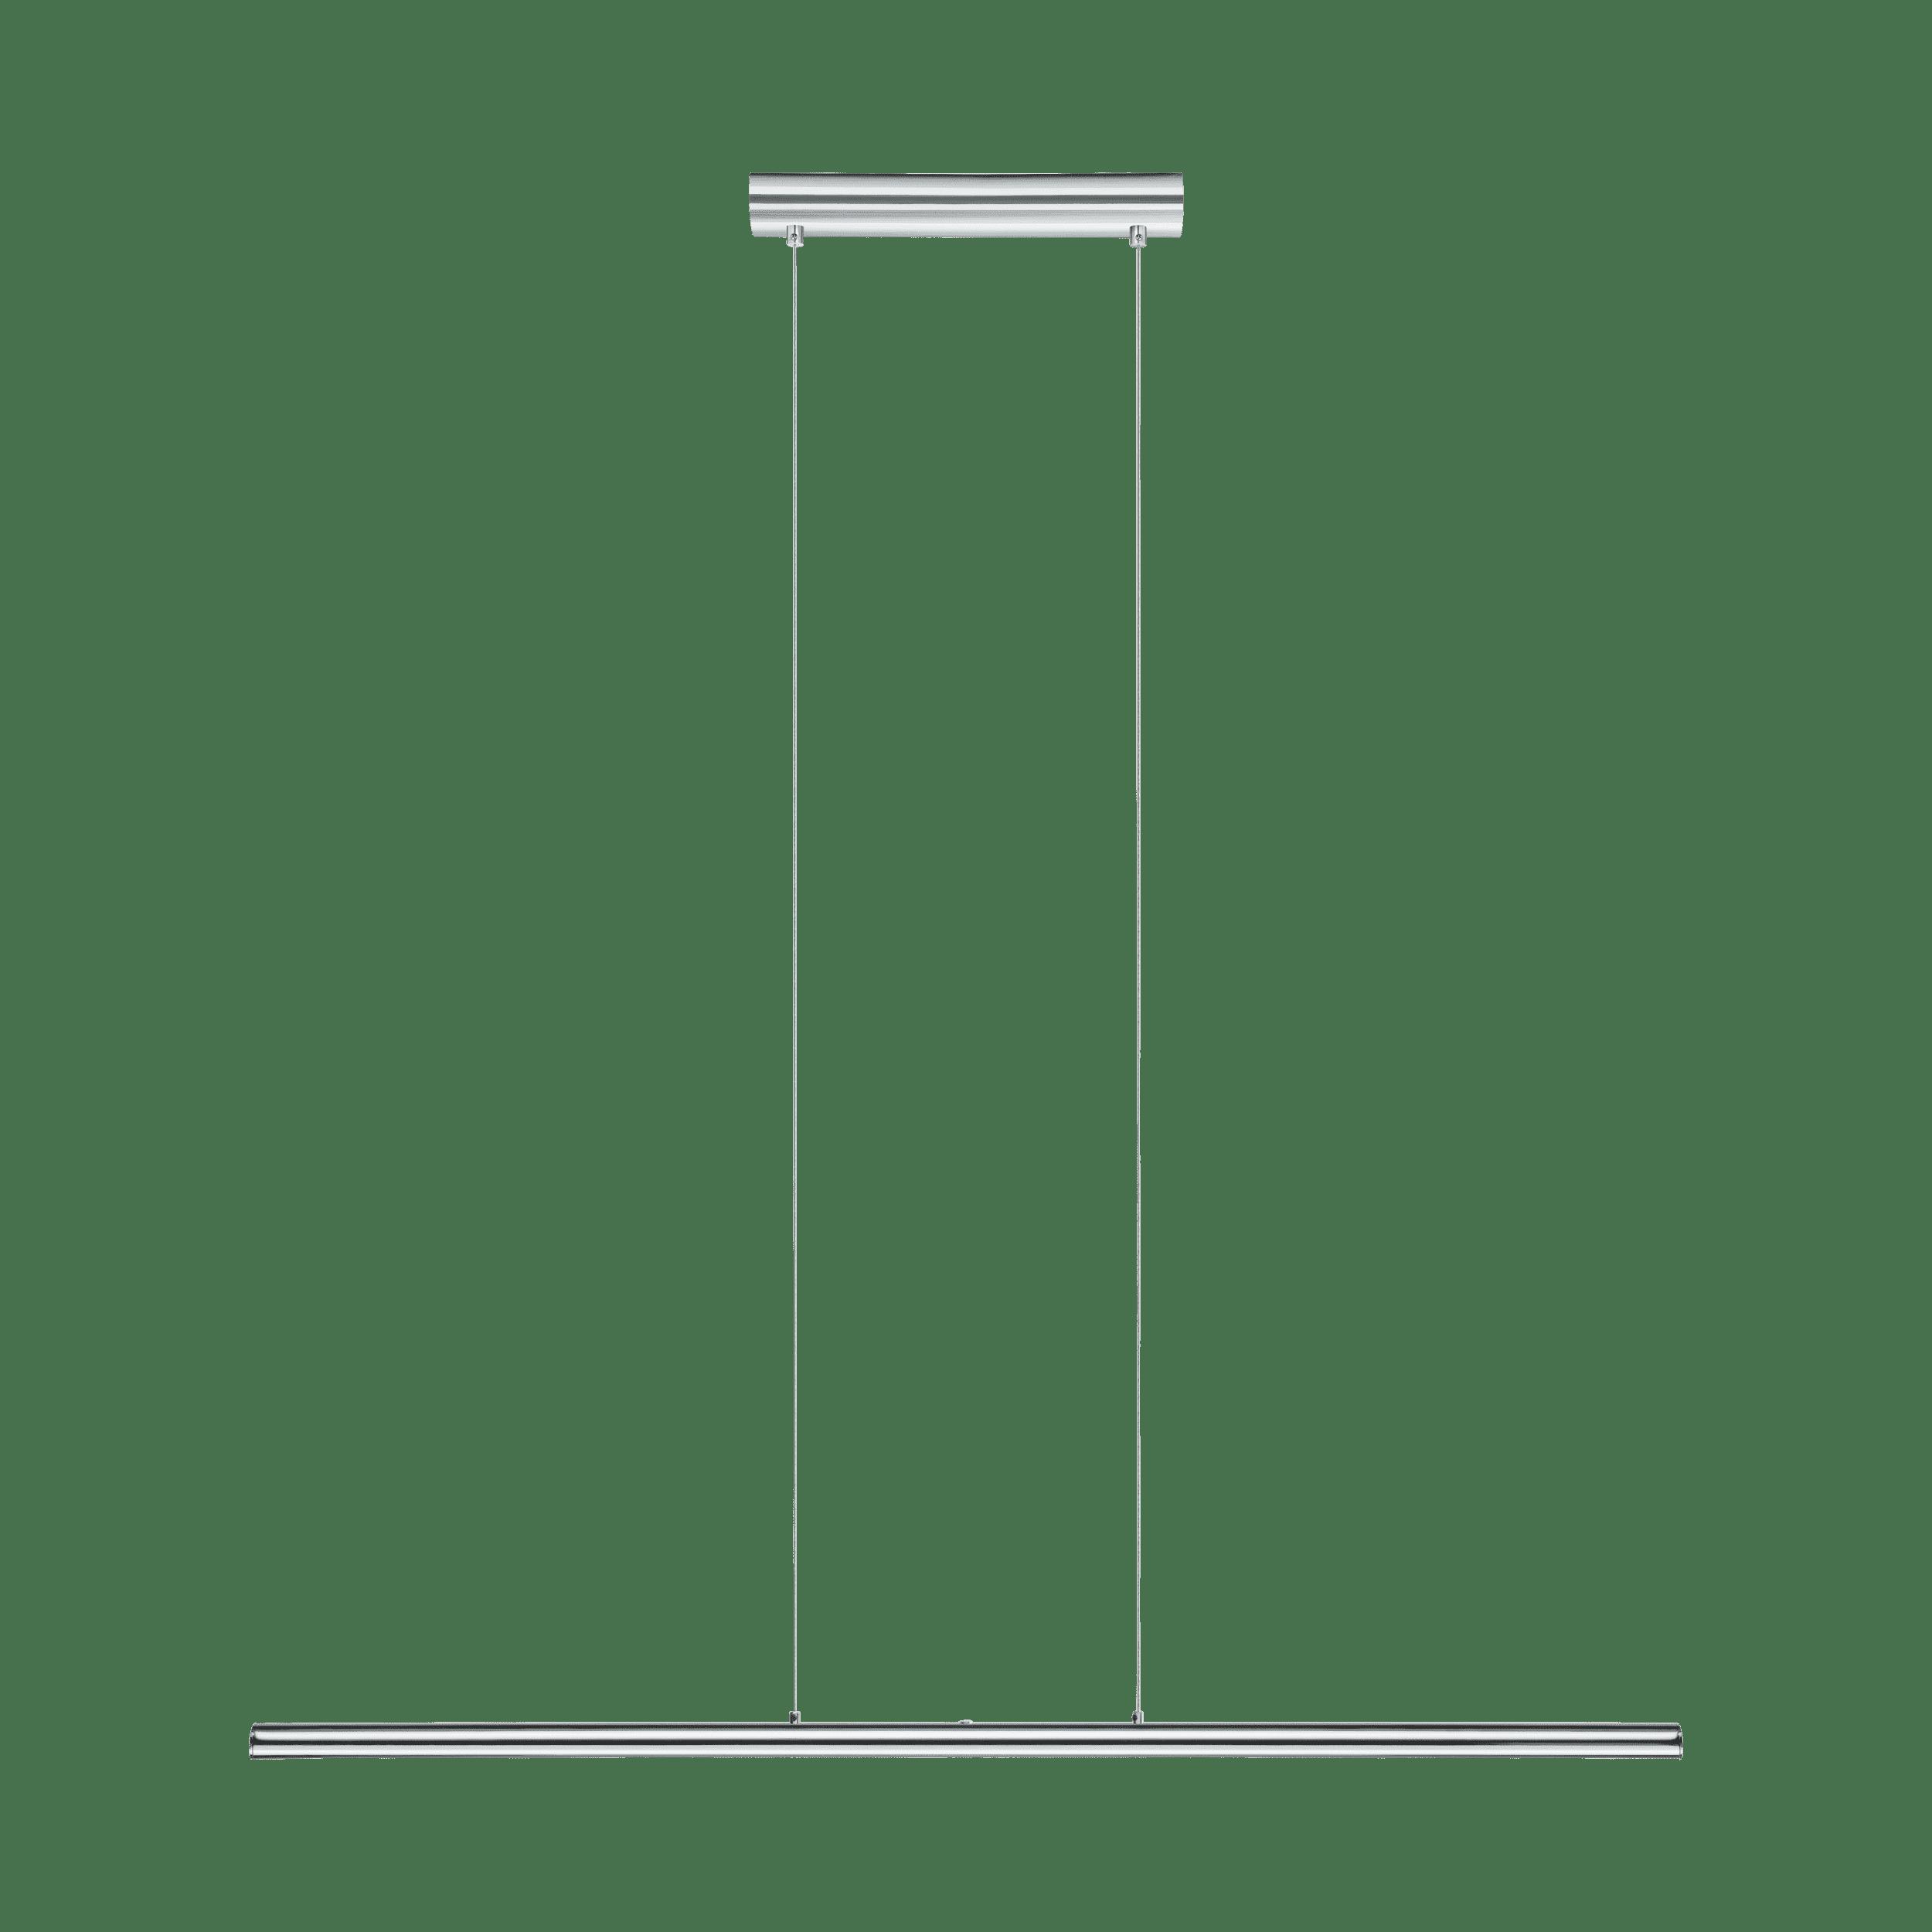 LED - ΚΡΕΜΑΣΤΟ ΦΩΤΙΣΤΙΚΟ 18W M. TOUCH ΧΡΩΜΕ TERROS - 93565 - EGLO